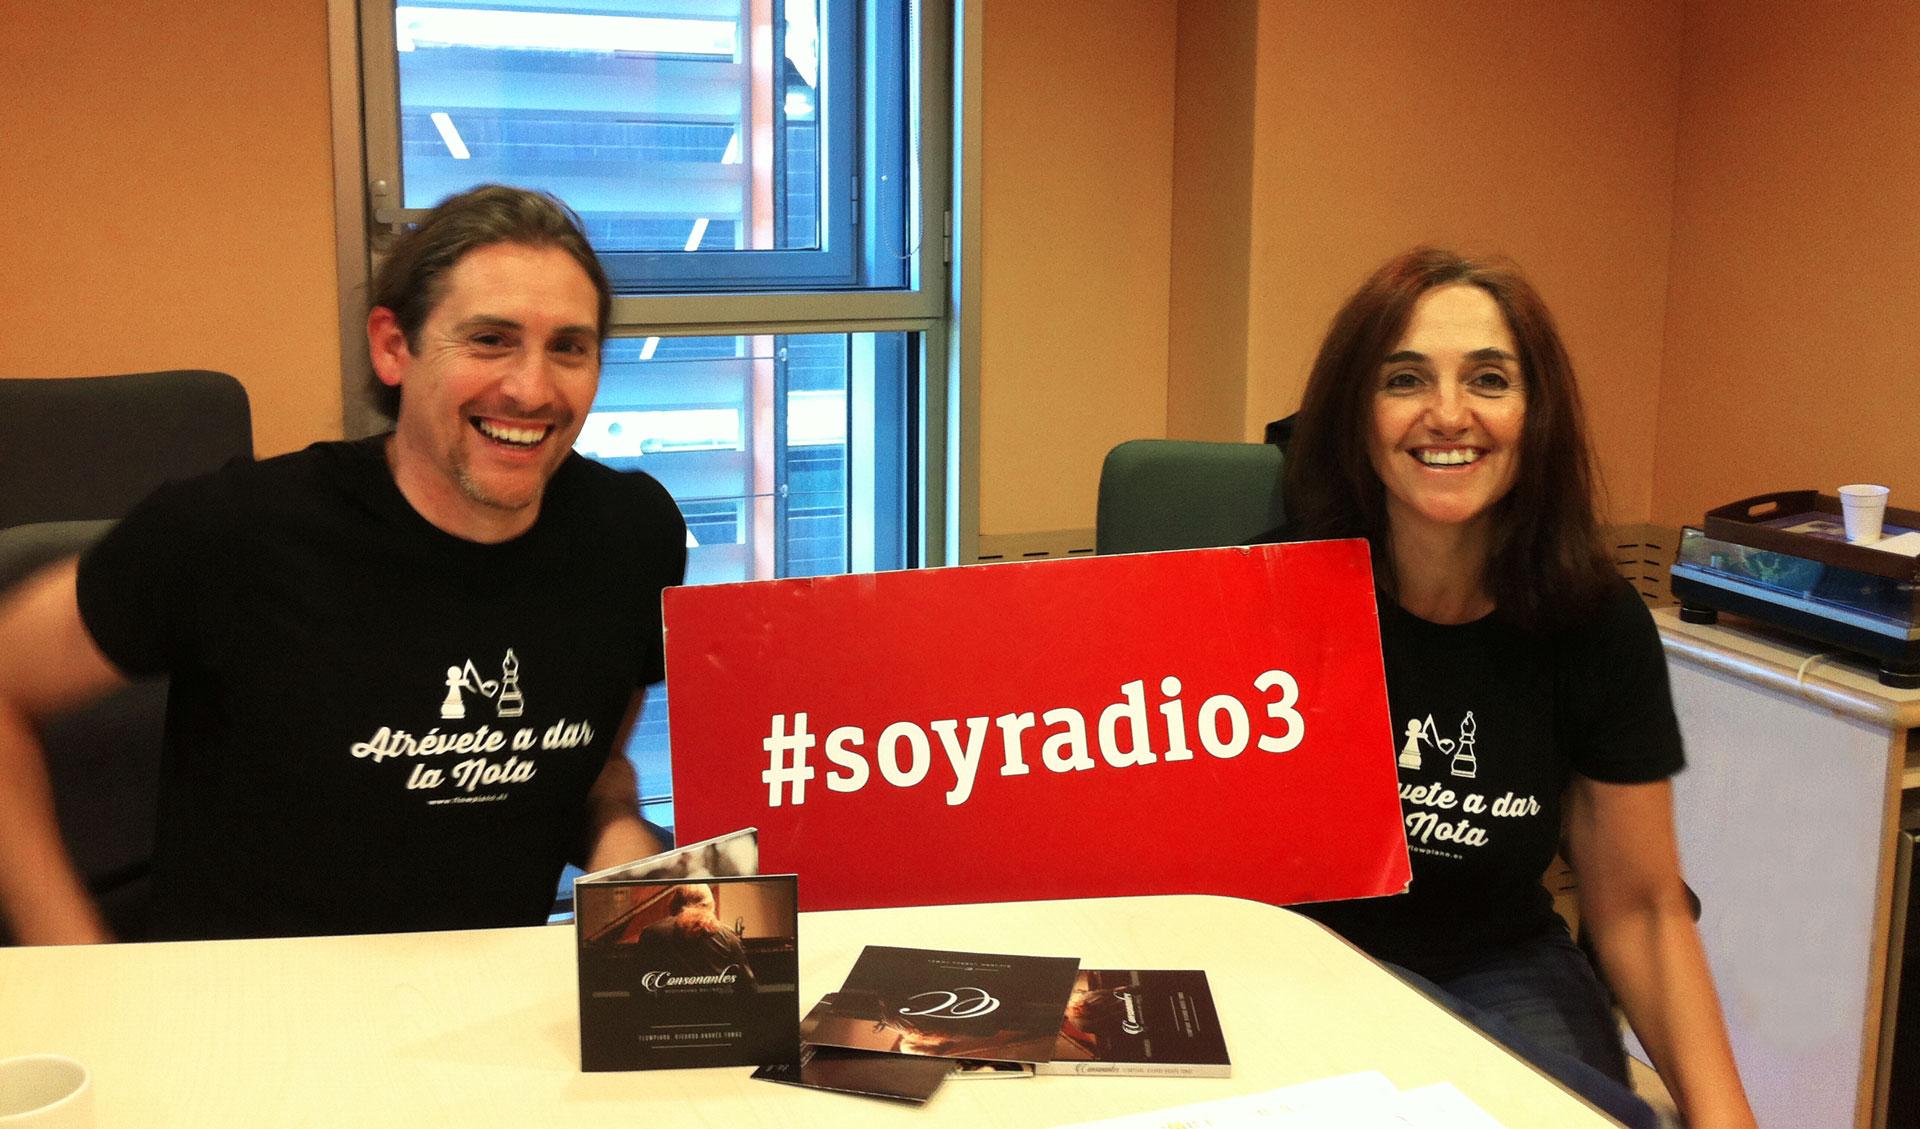 soyradio3-flowpiano